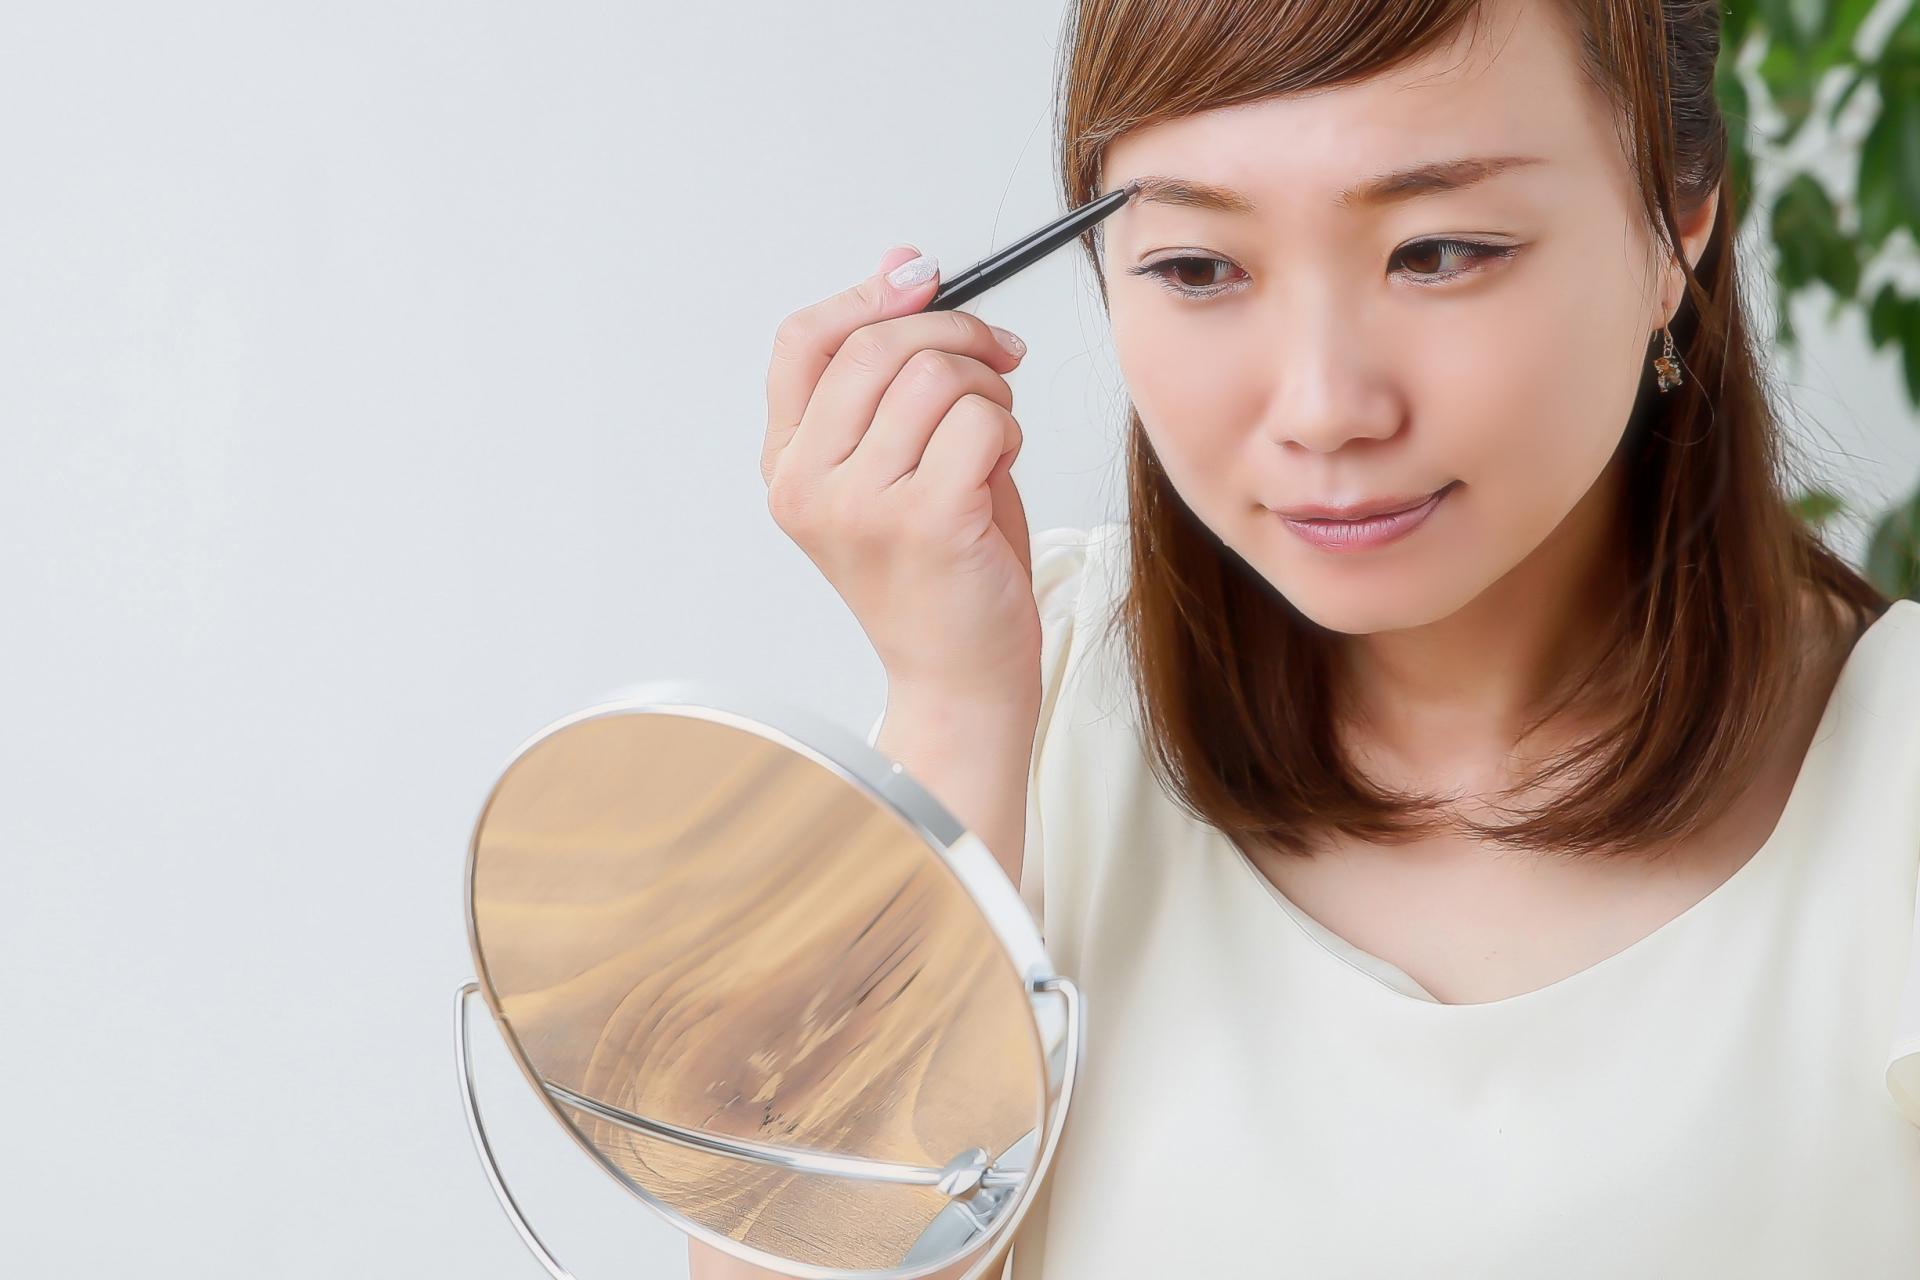 眉毛の脱毛方法。自己処理のやり方や注意点、サロンの処理方法を紹介